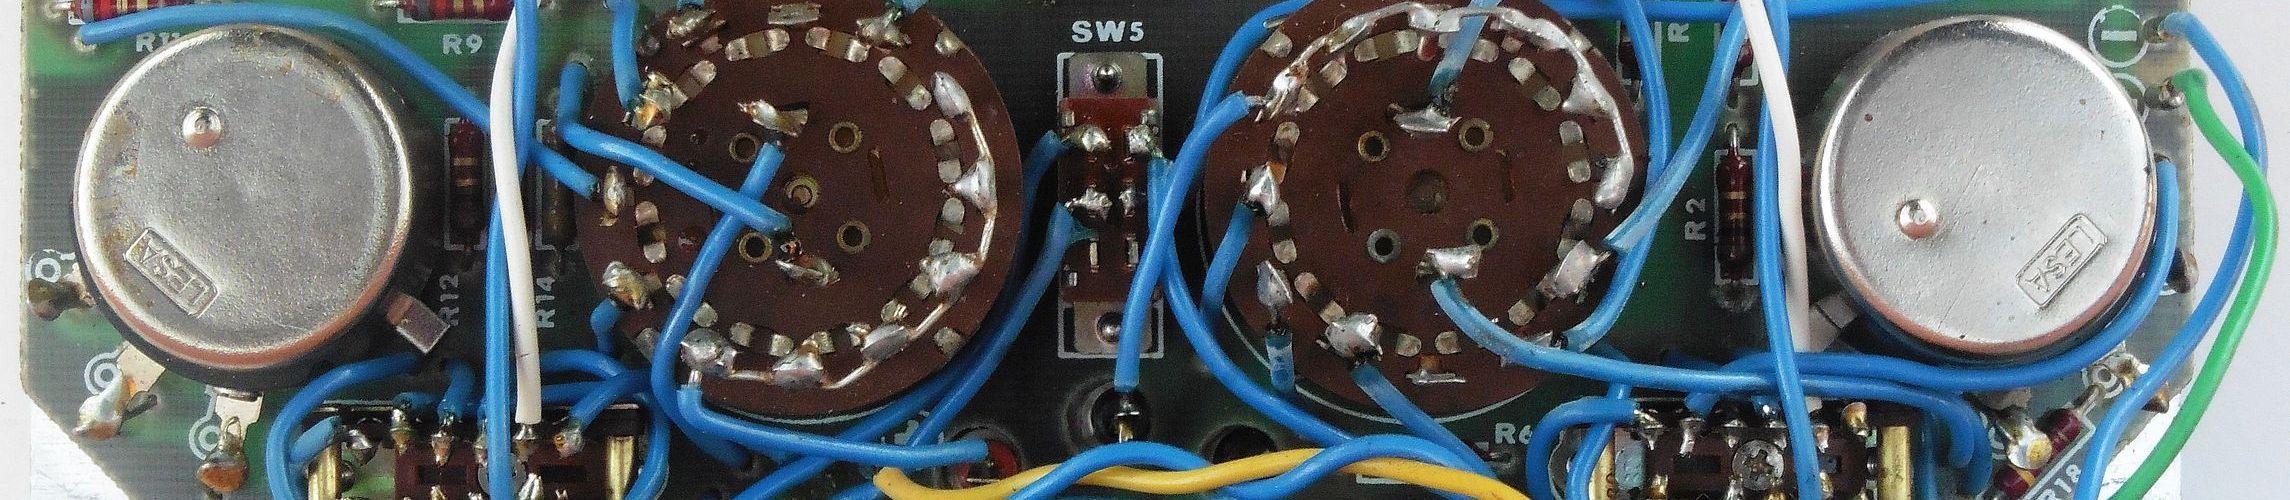 highkit_transistor_analyser_uk560_06